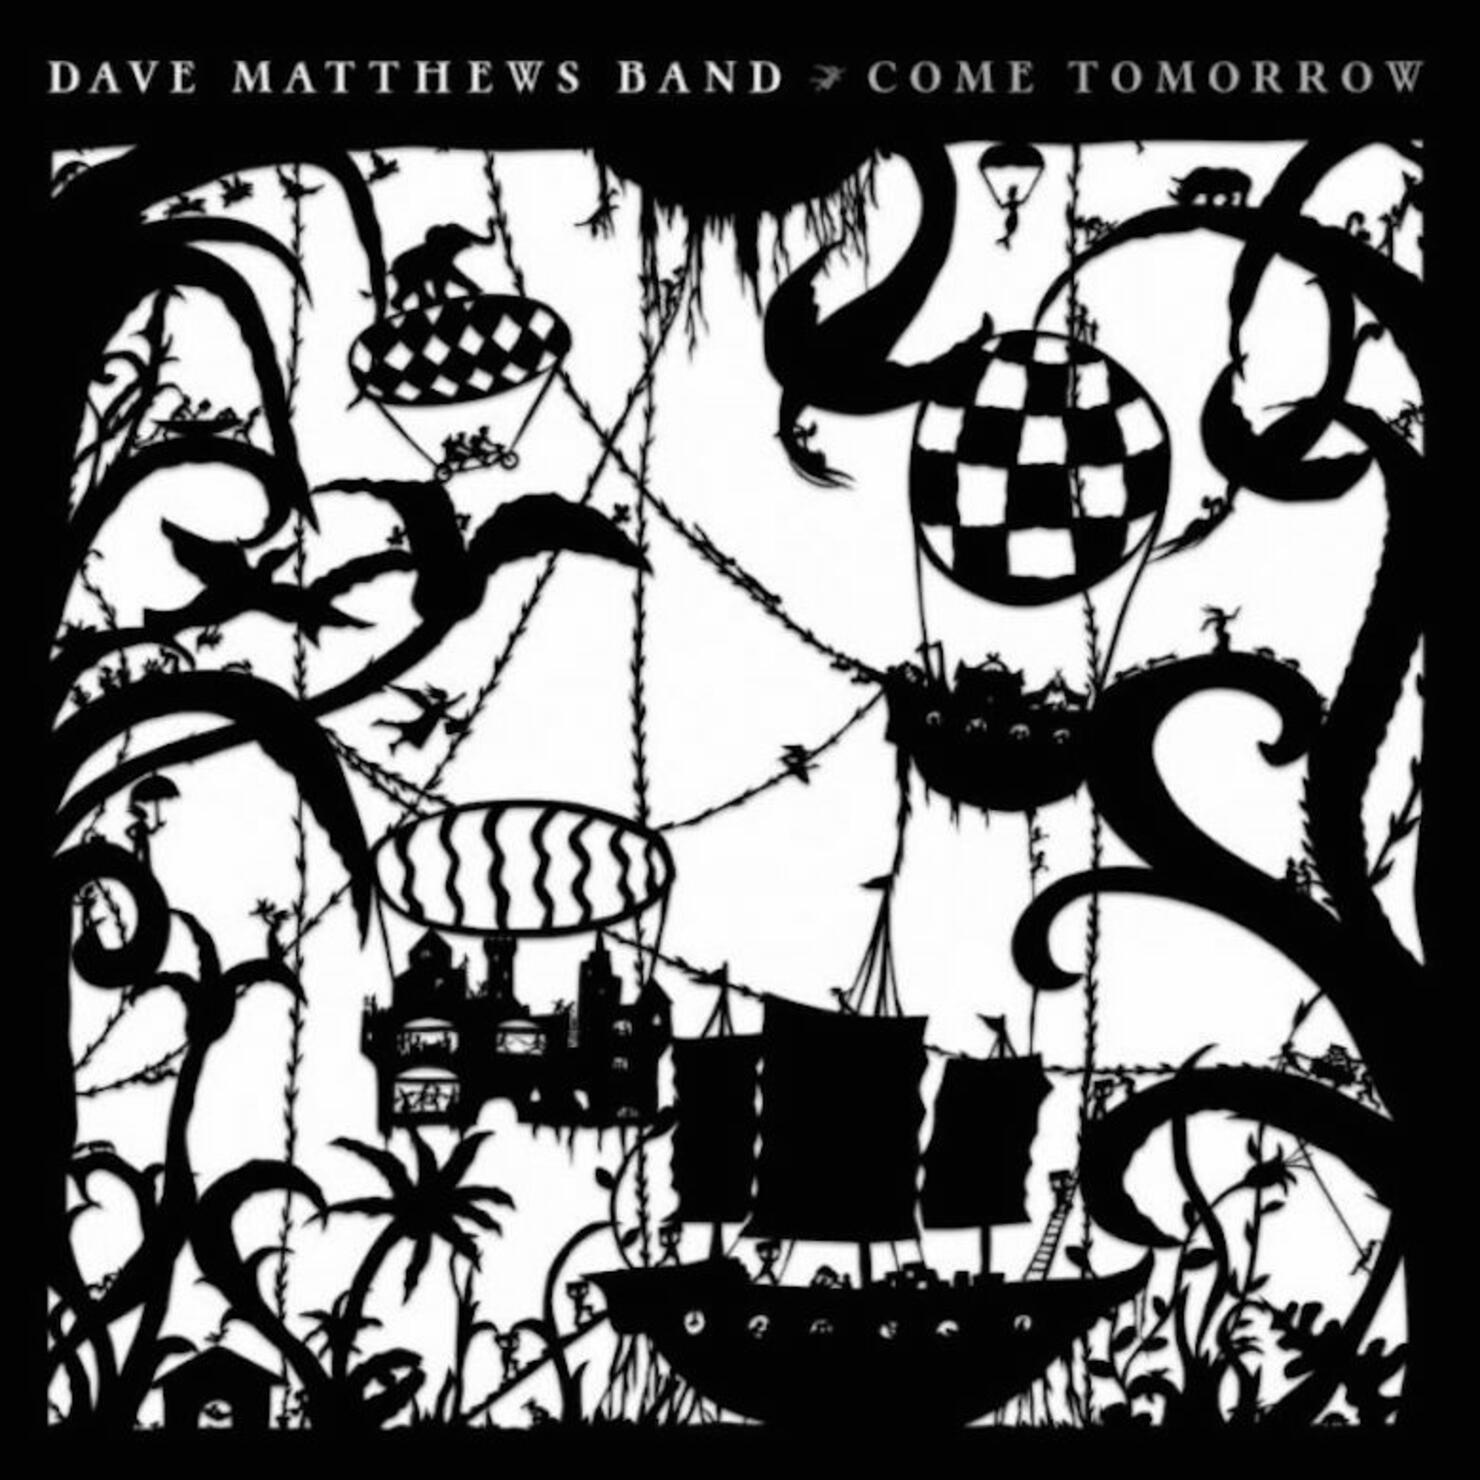 Dave Matthews Band - 'Come Again'